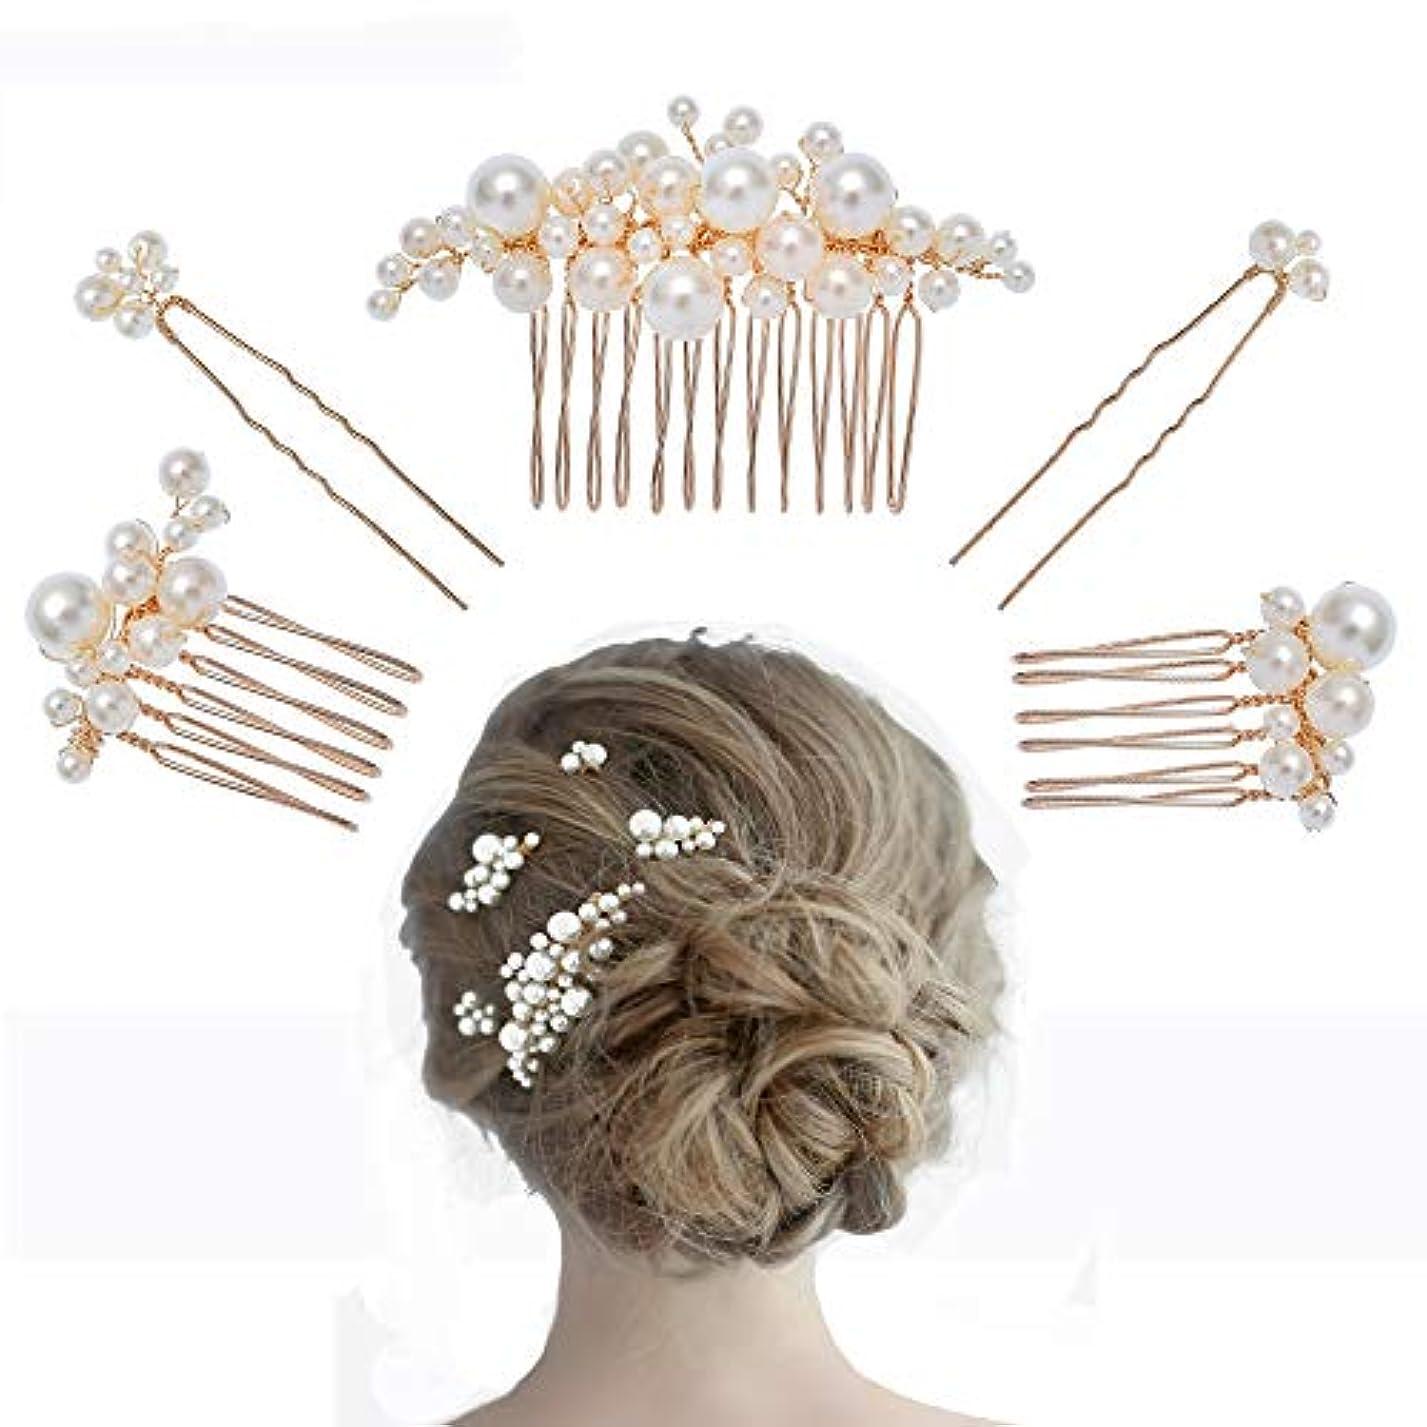 ベテランモーテル奨励SPOKKI パール 髪飾り ヘアアクセサリー ヘアピン 3種類 5本セット ウェディング 結婚式 卒業式 発表会